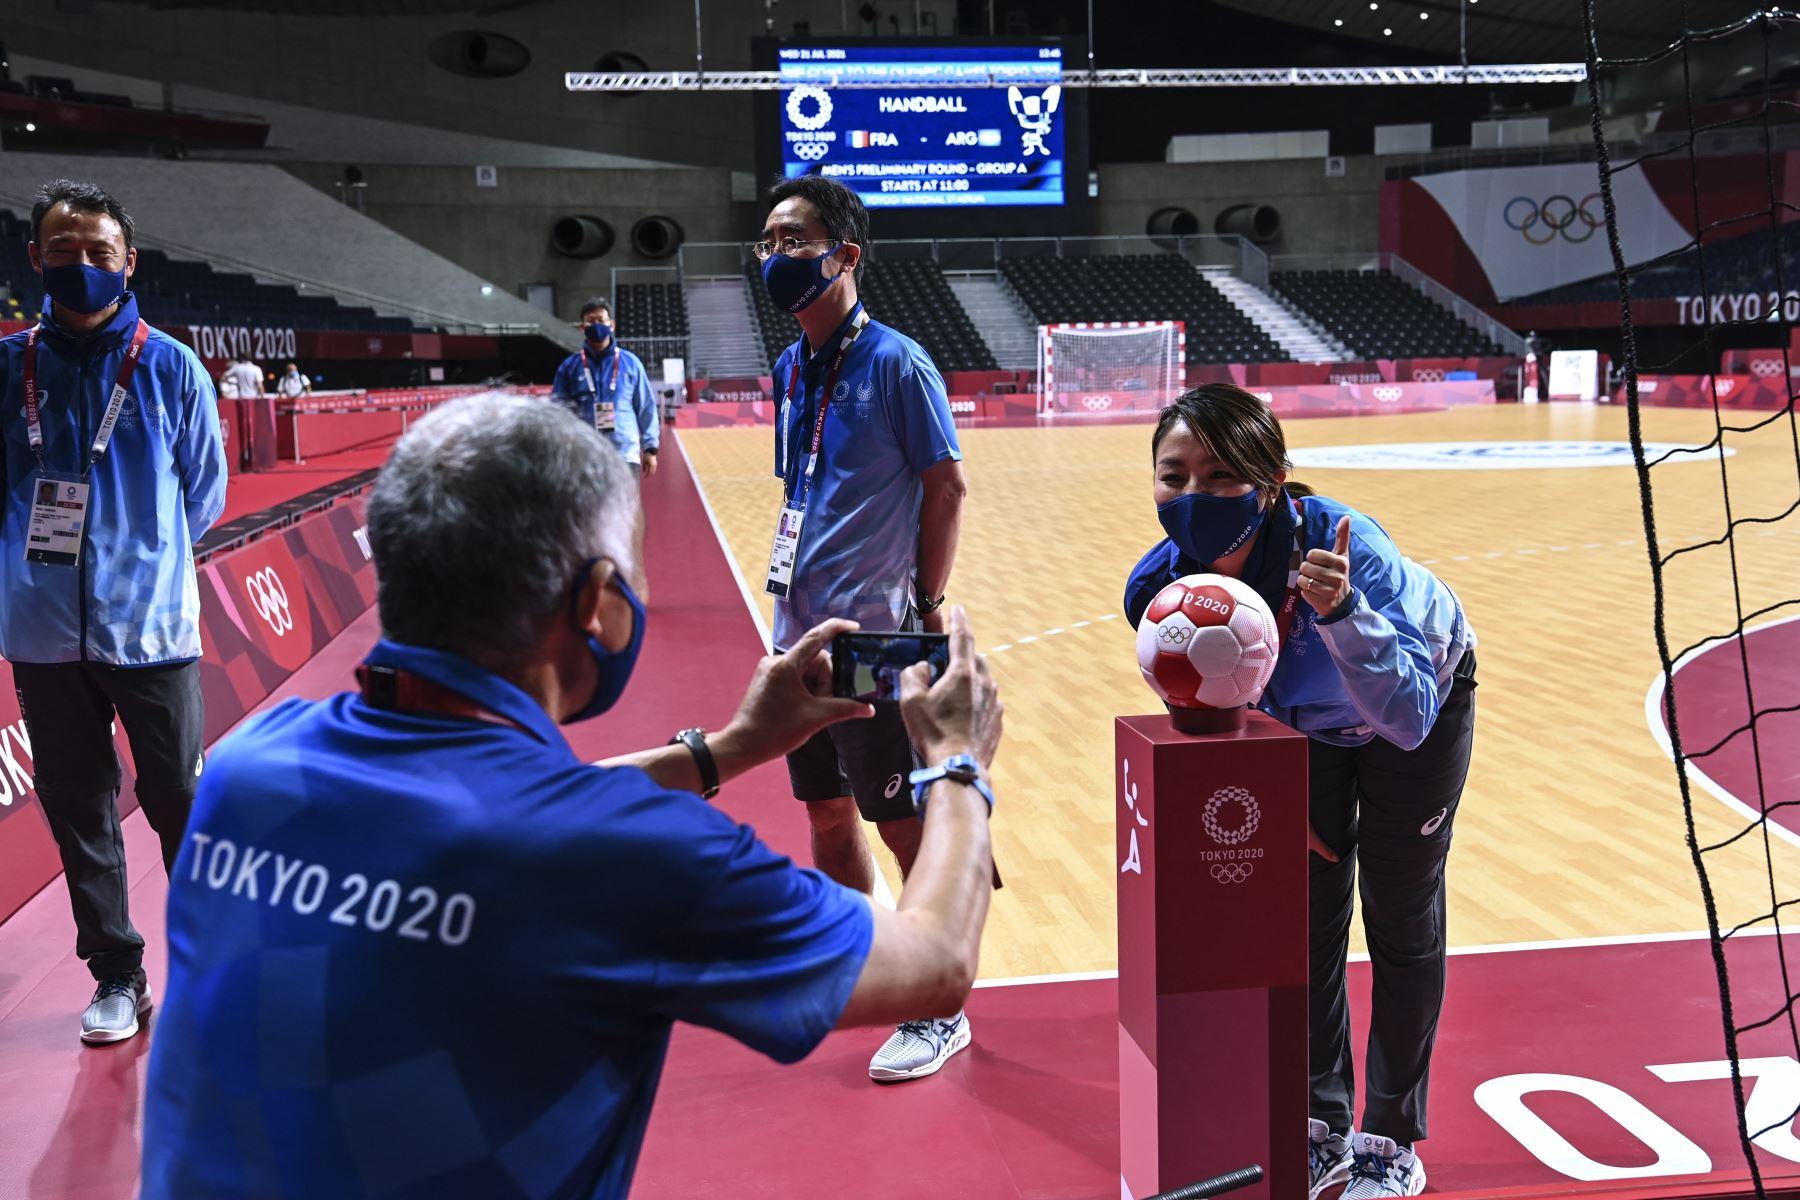 Los miembros del equipo olímpico se toman fotografías con el balón oficial de balonmano en el Estadio Nacional Yoyogi, sede del torneo de balonmano, en Tokio. Foto: AFP